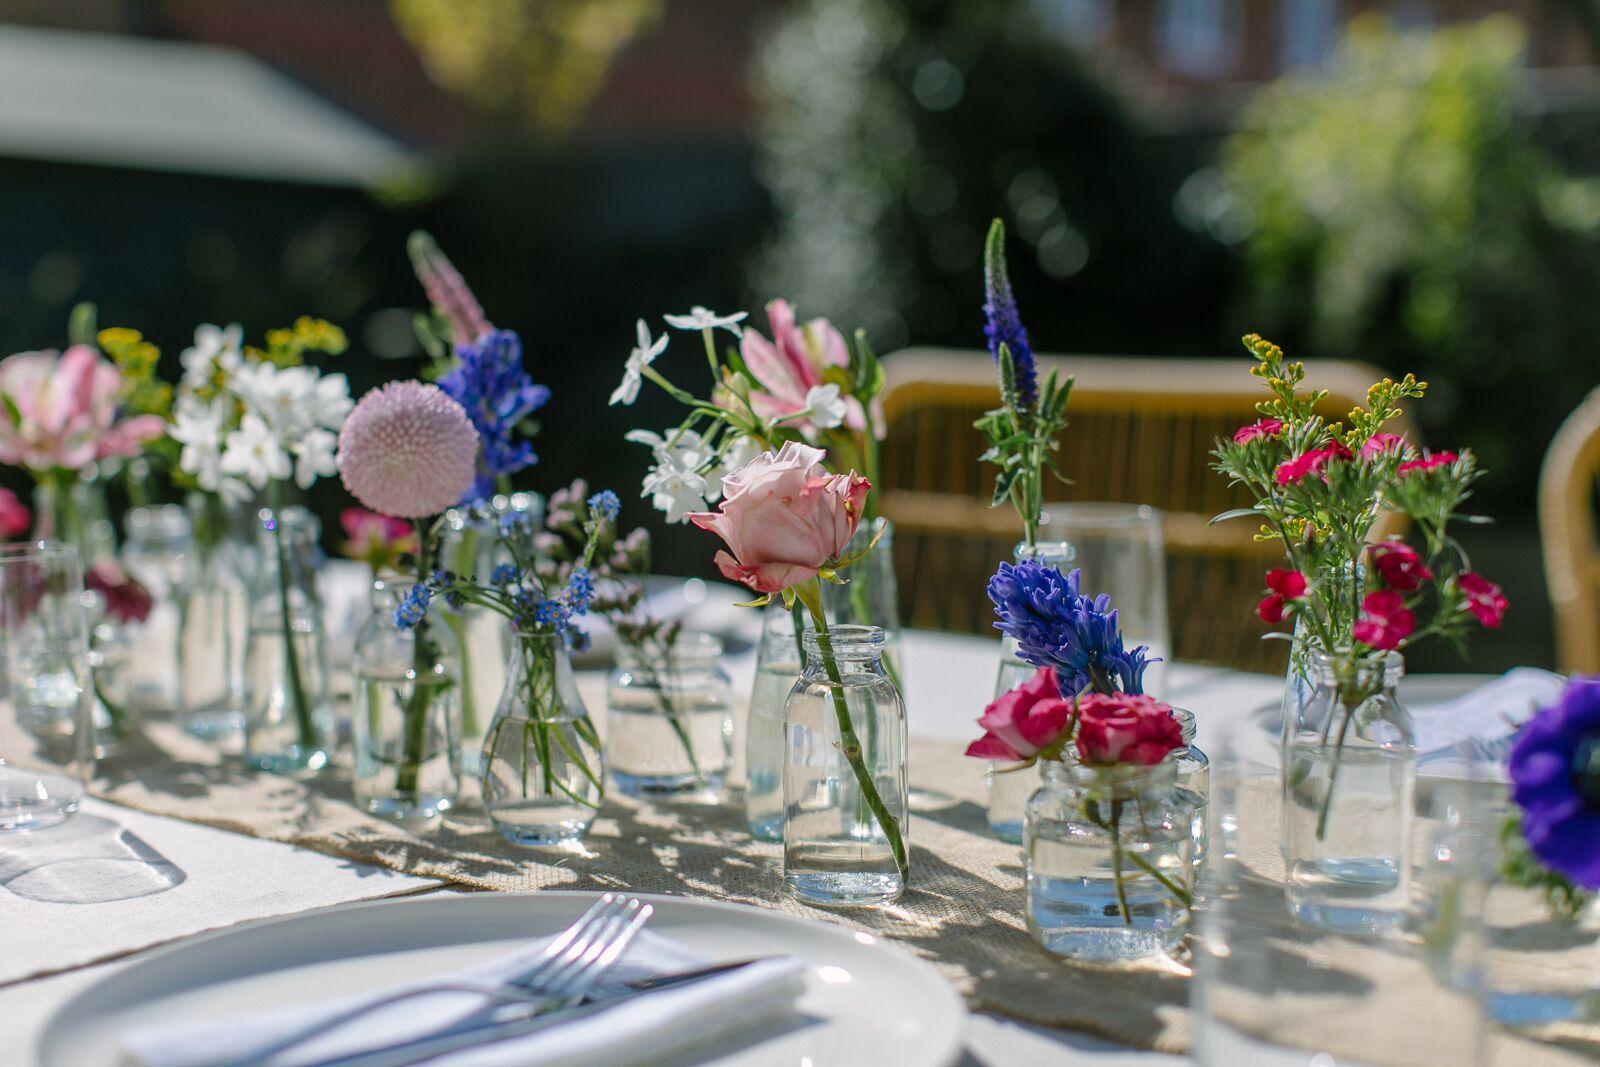 Bloemen als decoratie op de tafels bij het diner